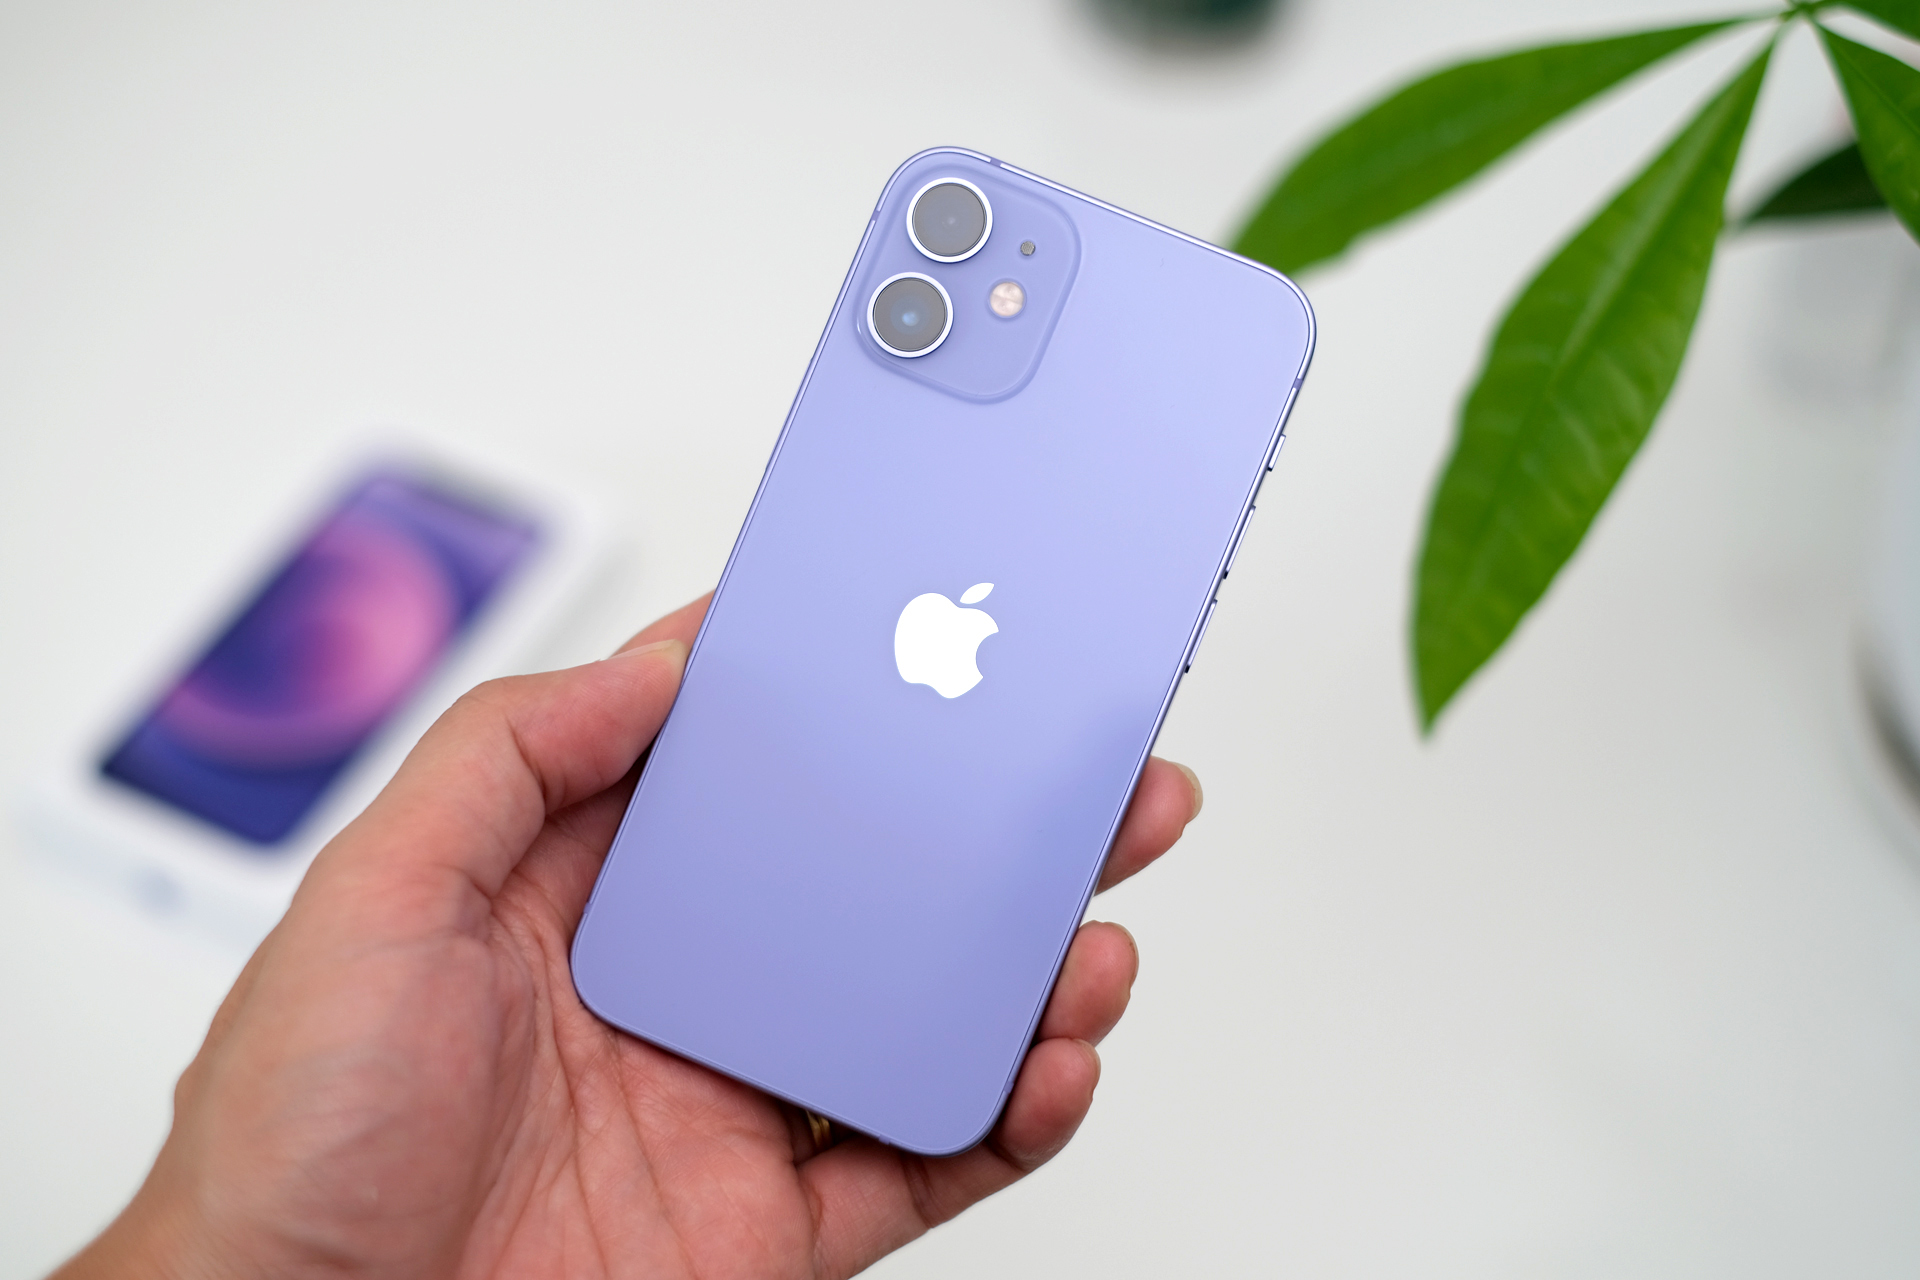 iPhone 12 mini màu tím có tông hơi nhạt giống màu hoa oải hương hoặc hoa tử đằng. Ảnh: Tuấn Hưng.